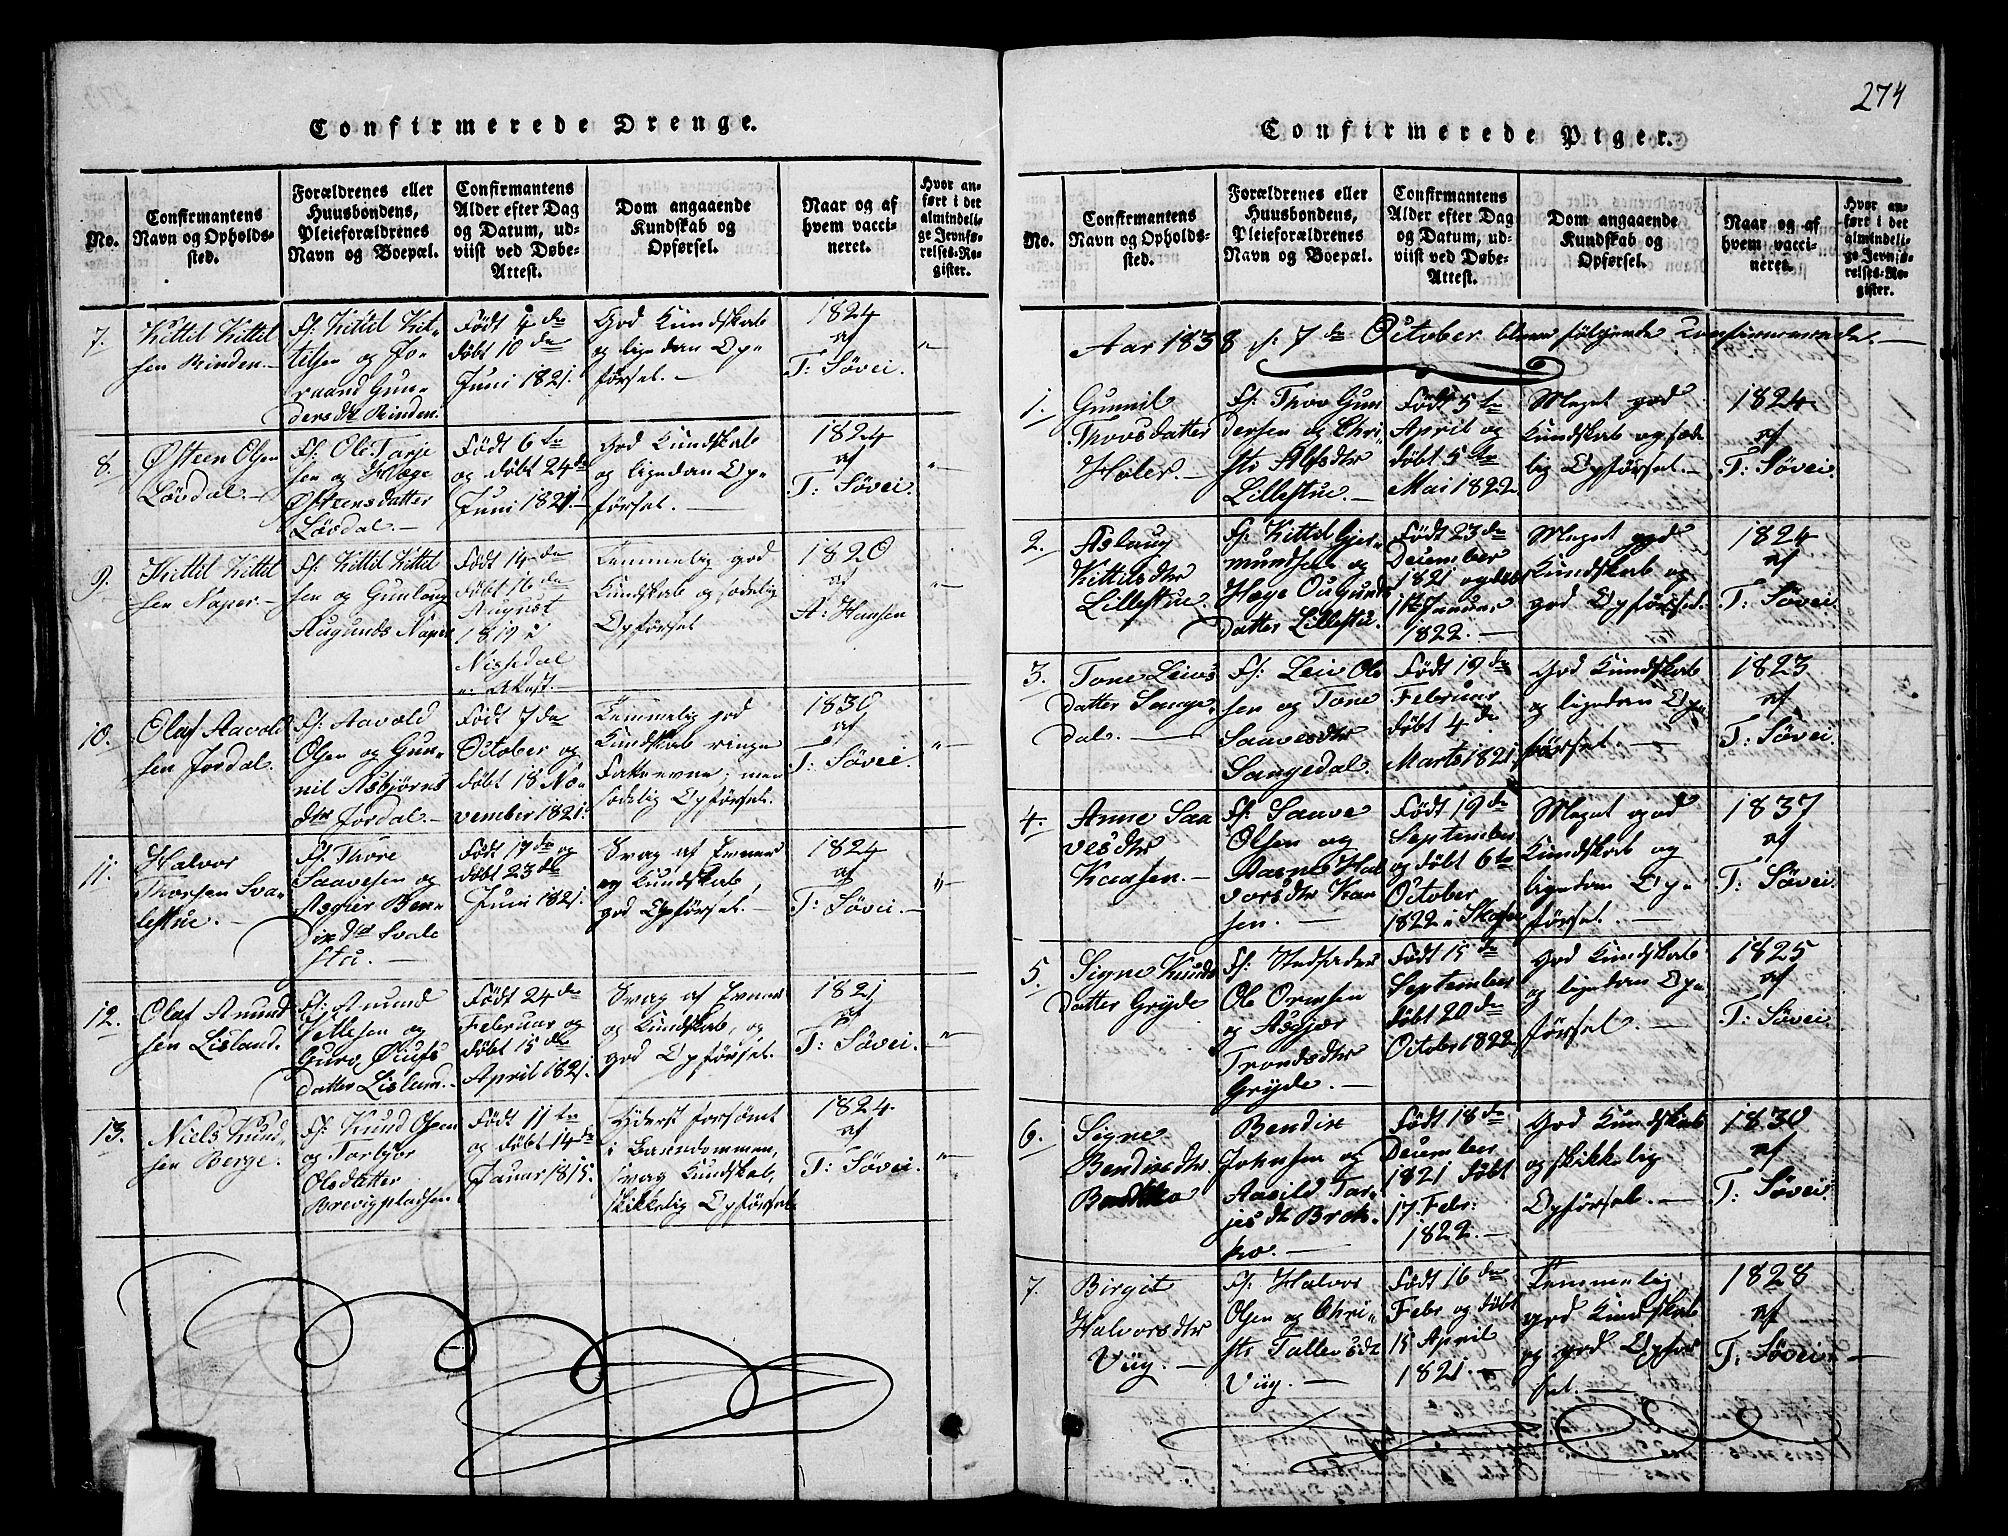 SAKO, Fyresdal kirkebøker, G/Ga/L0001: Klokkerbok nr. I 1, 1816-1840, s. 274